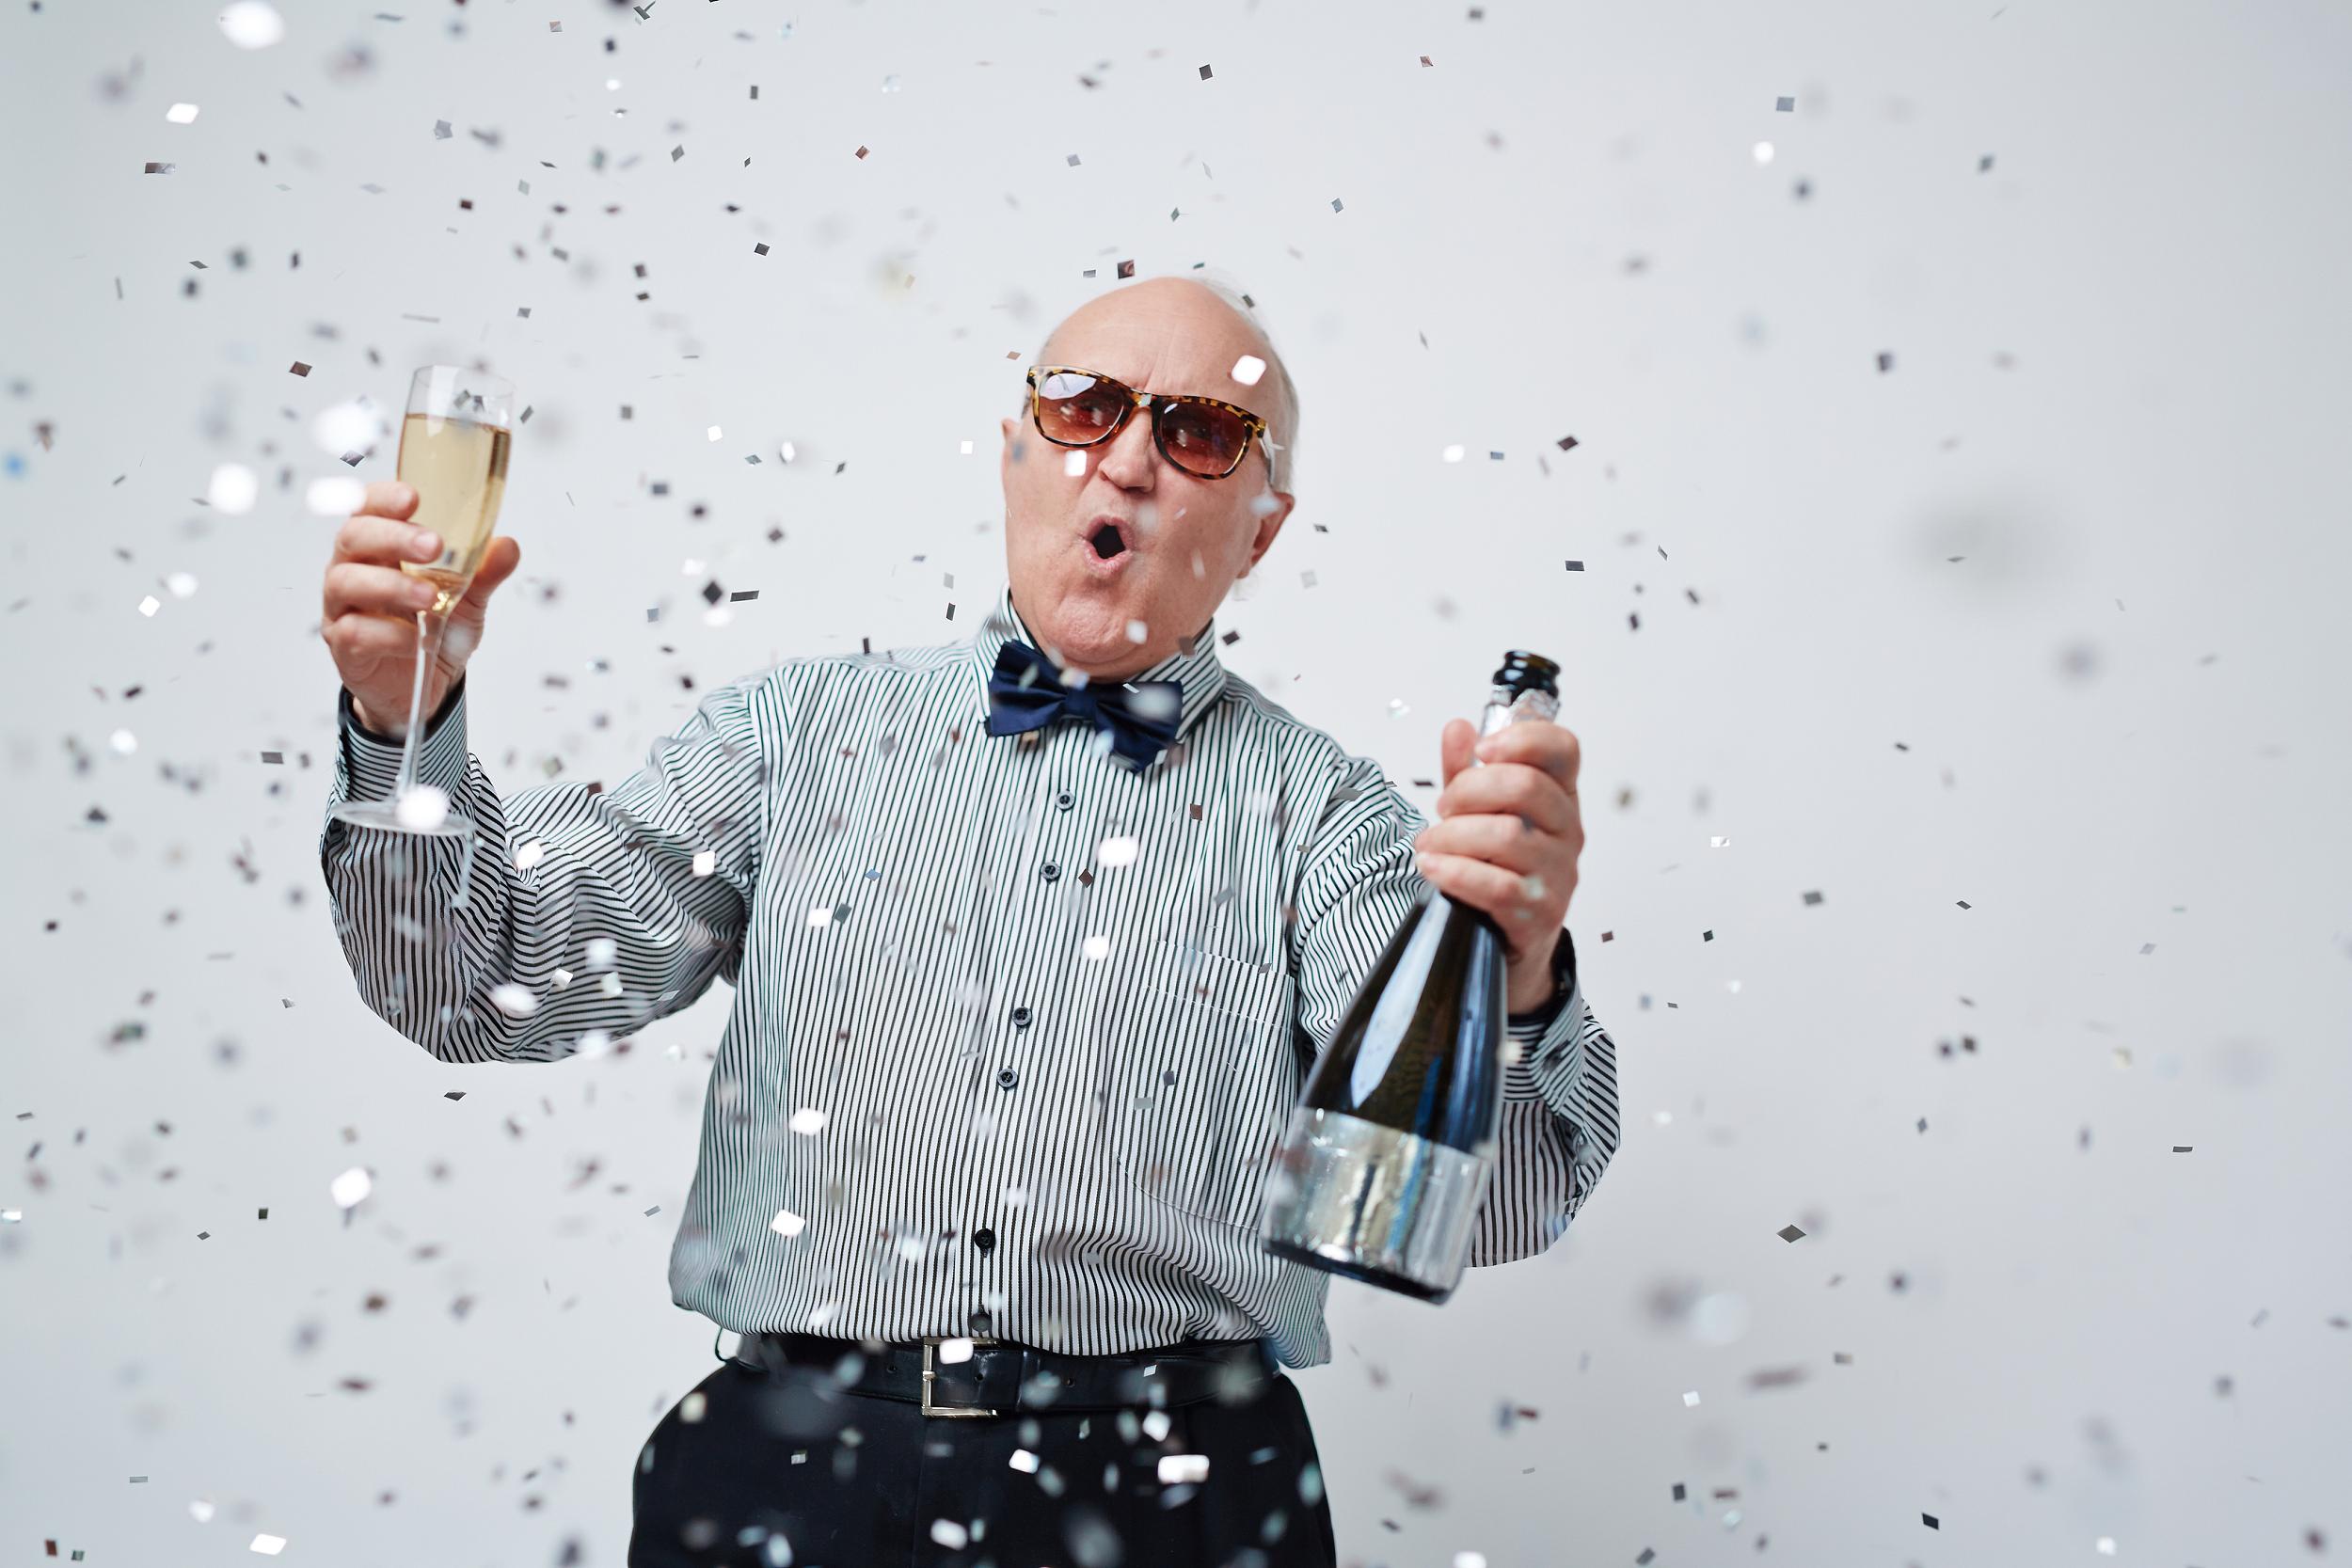 西班牙88岁爷爷作为模特出道爆红网络!气质碾压一众小鲜肉……